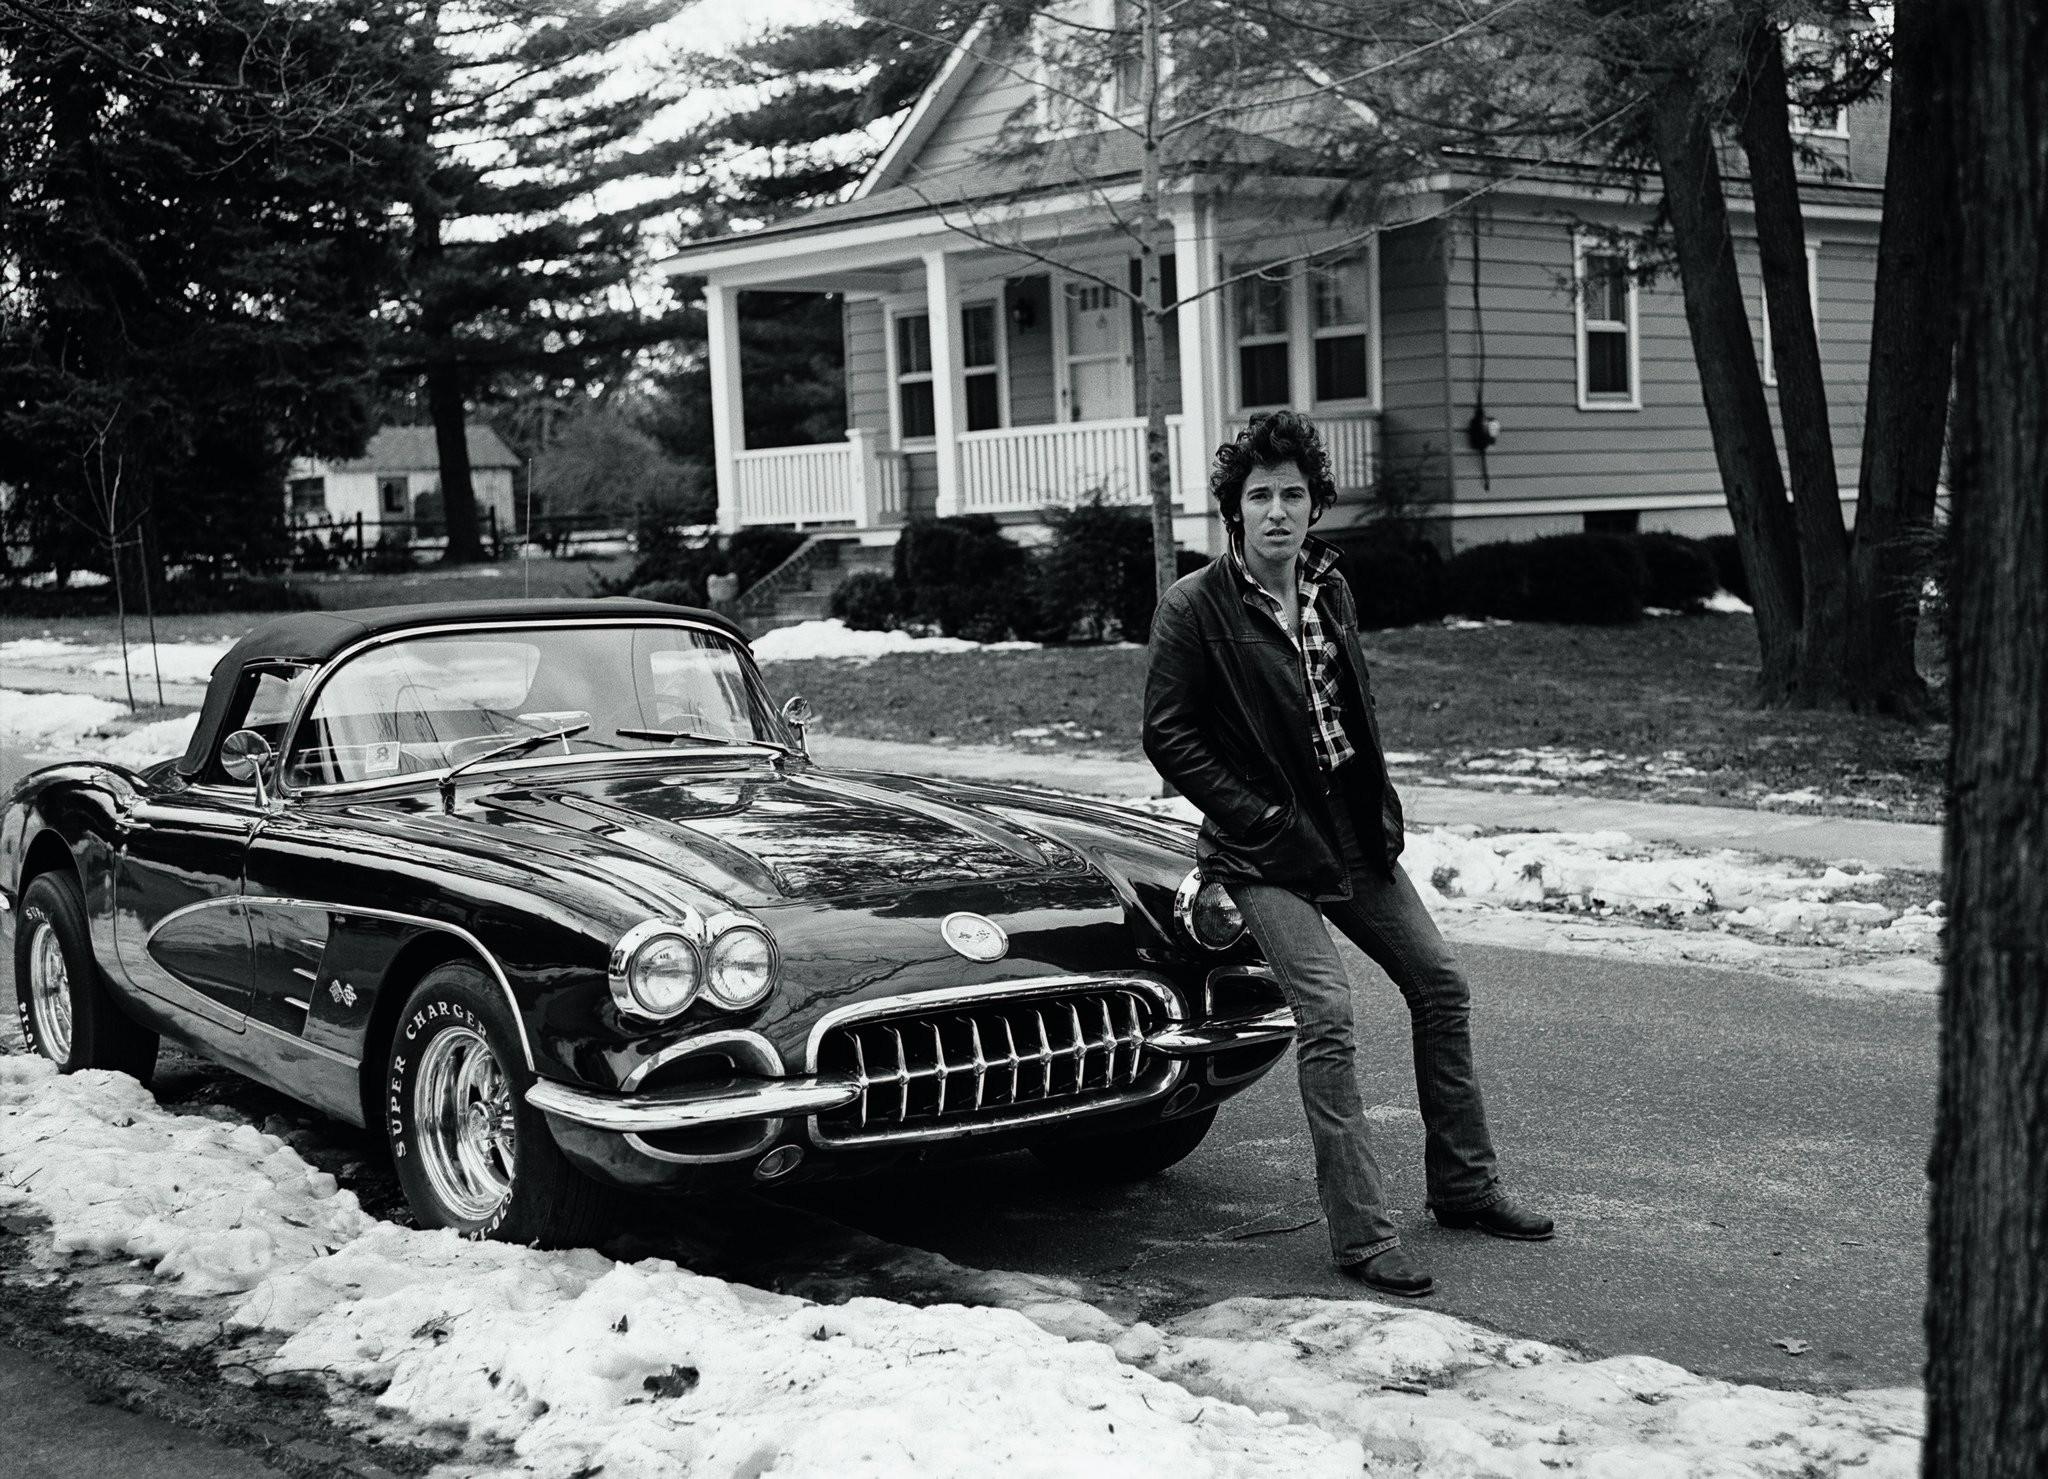 Bruce Springsteen sitting on a corvette